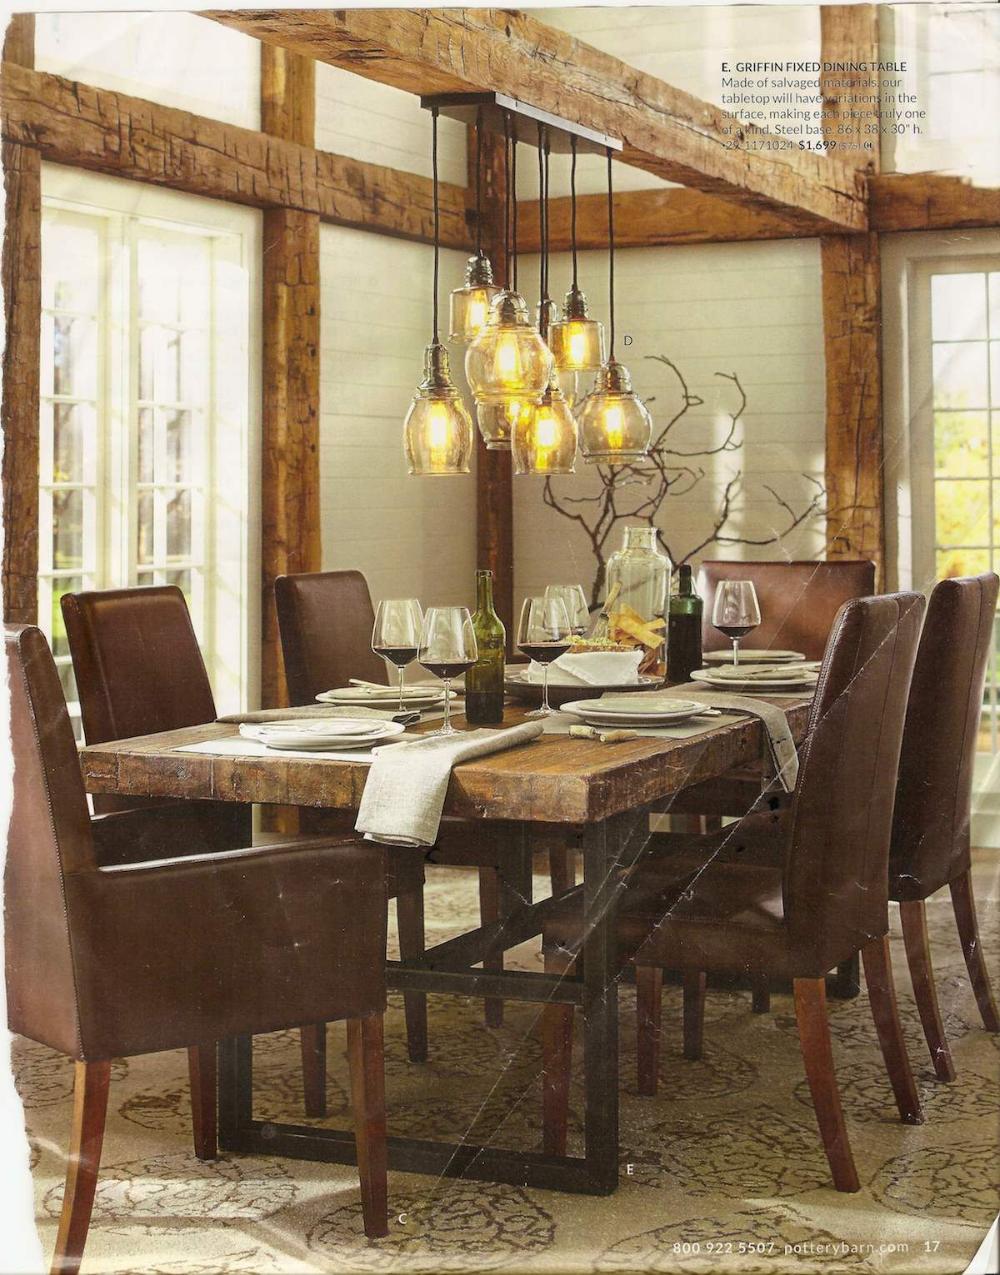 pottery barn dining room lighting in 2020 Dining room